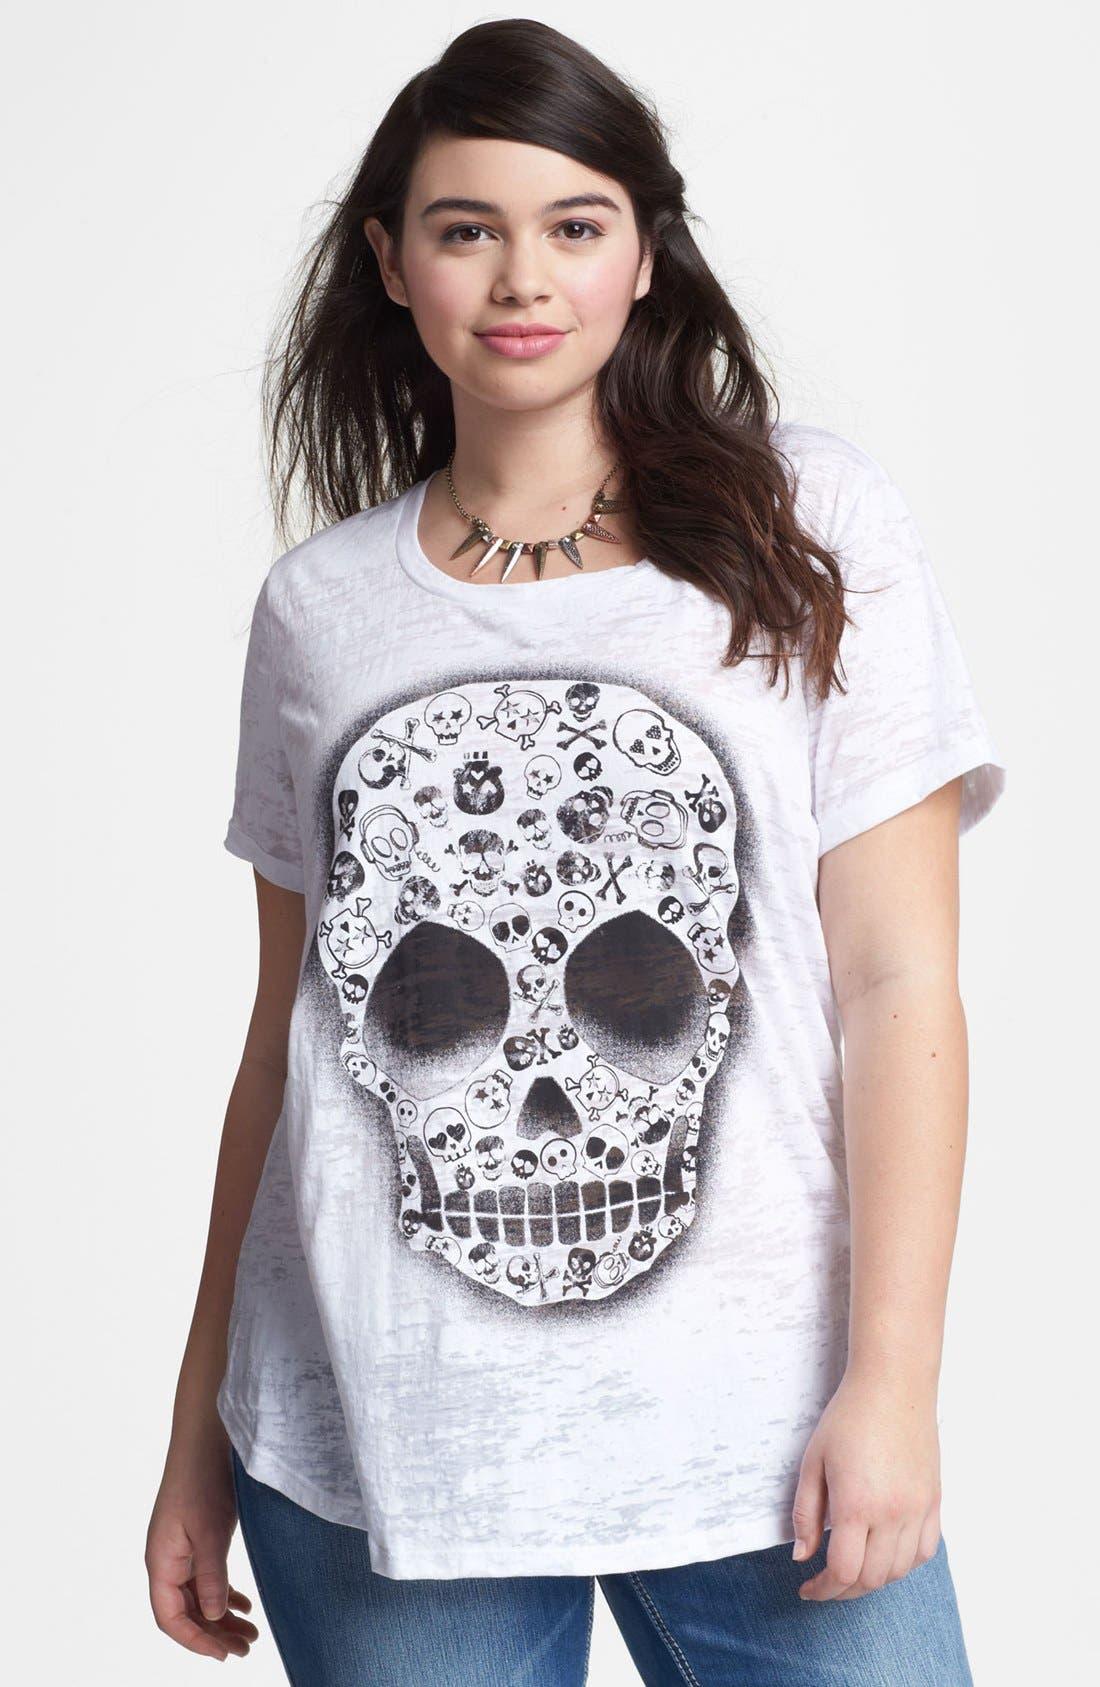 Alternate Image 1 Selected - Pretty Rebel Skull Graphic Tee (Juniors Plus)